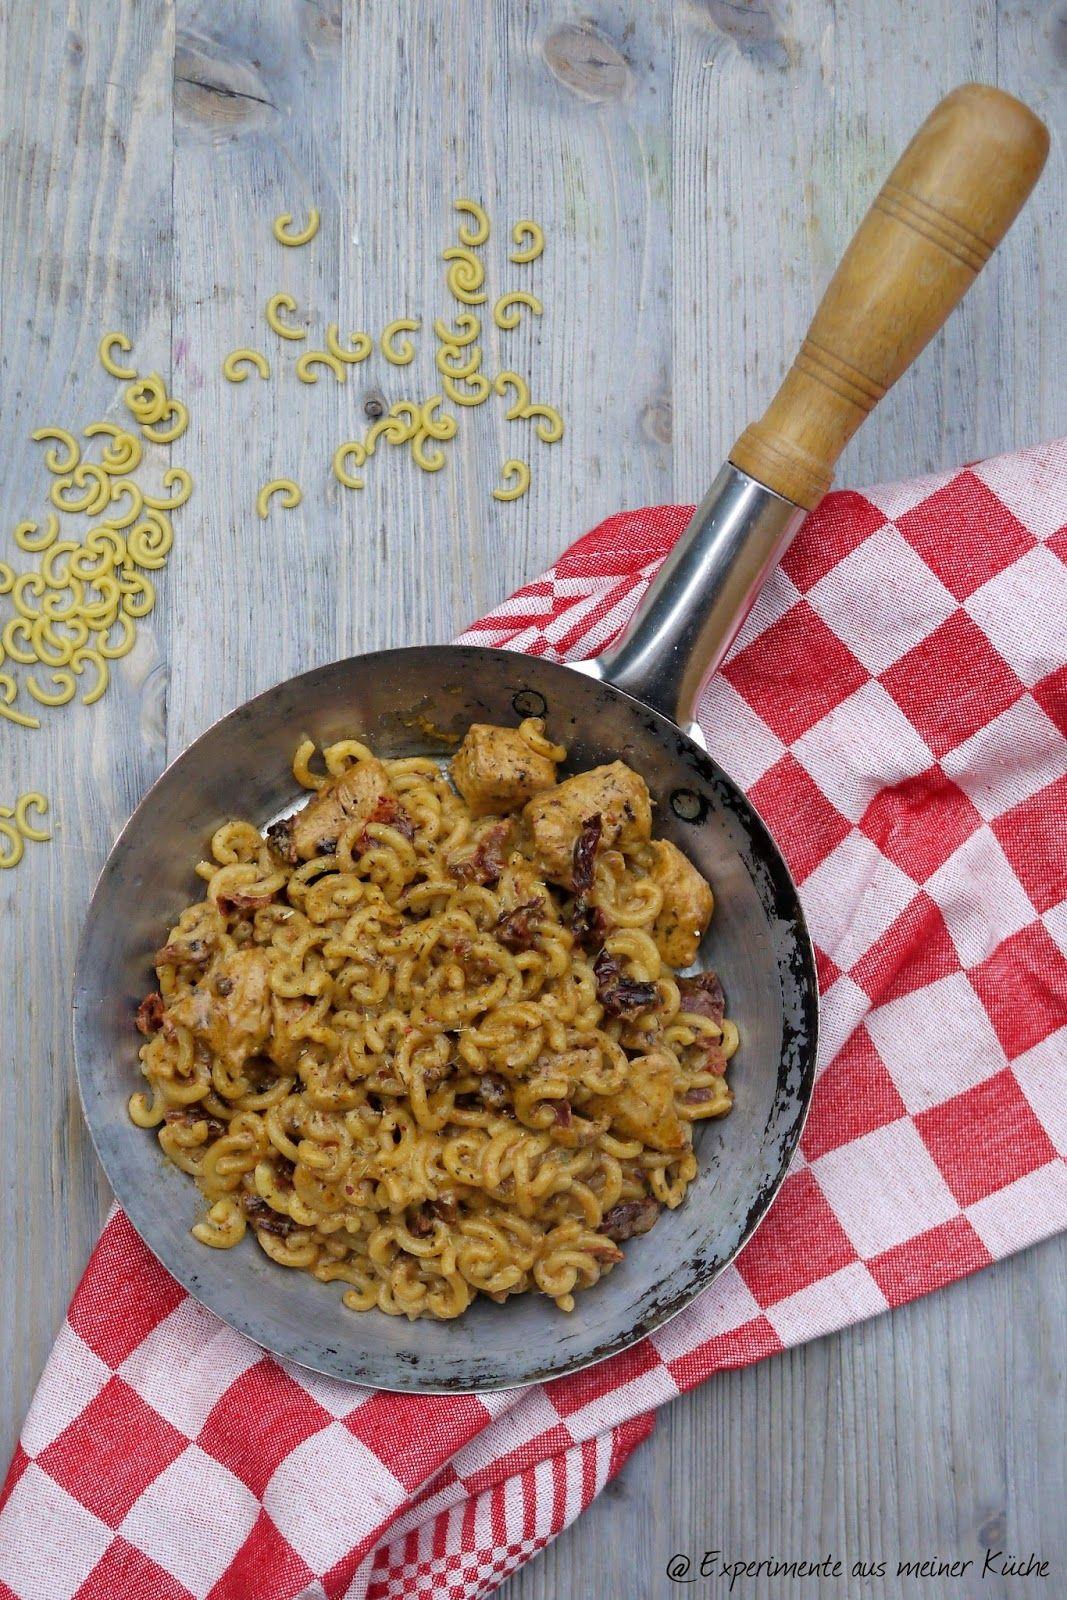 Experimente aus meiner Küche: Hähnchen-Mozzarella-Pasta mit ...